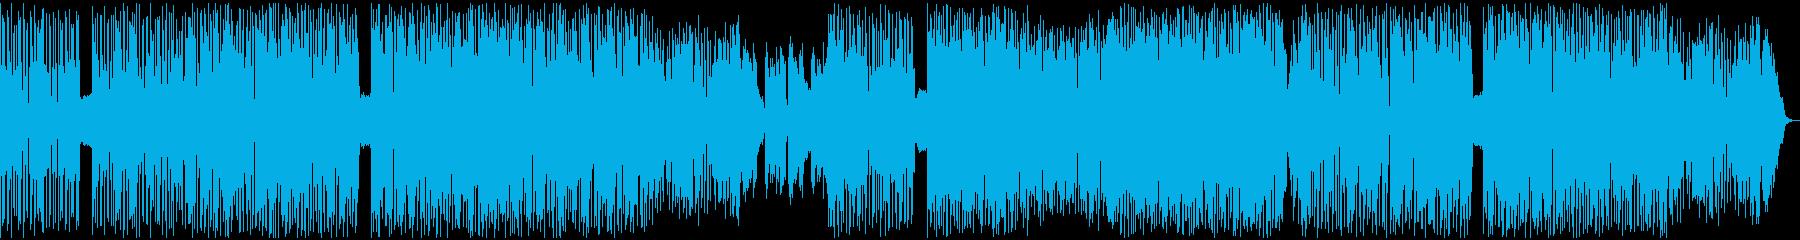 エレクトロドラムンベースのインスト...の再生済みの波形